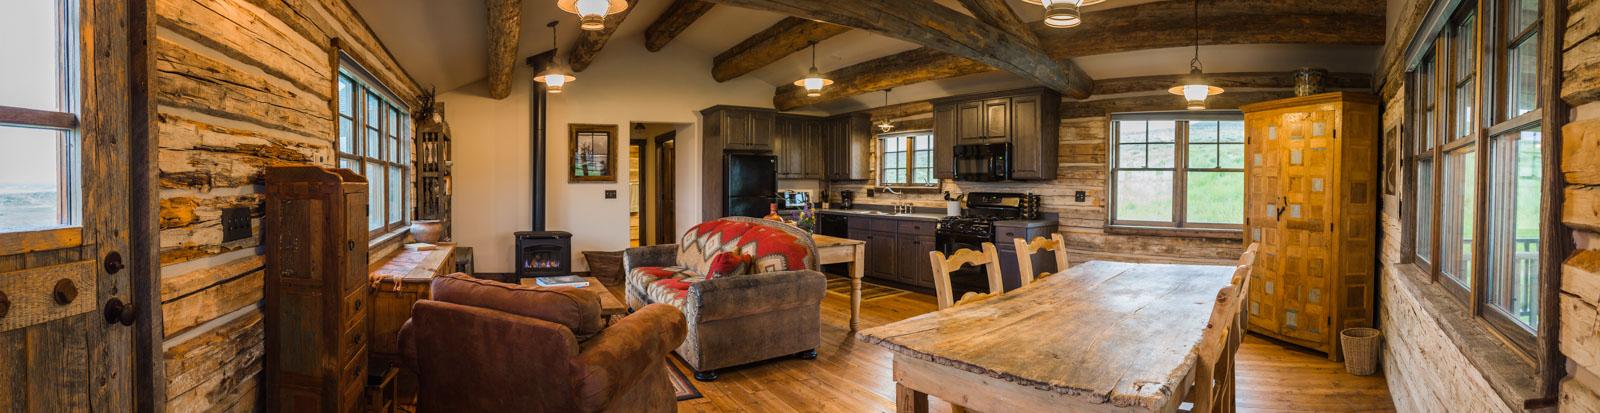 Rental vacation homes, J Bar L Ranch, Montana, USA